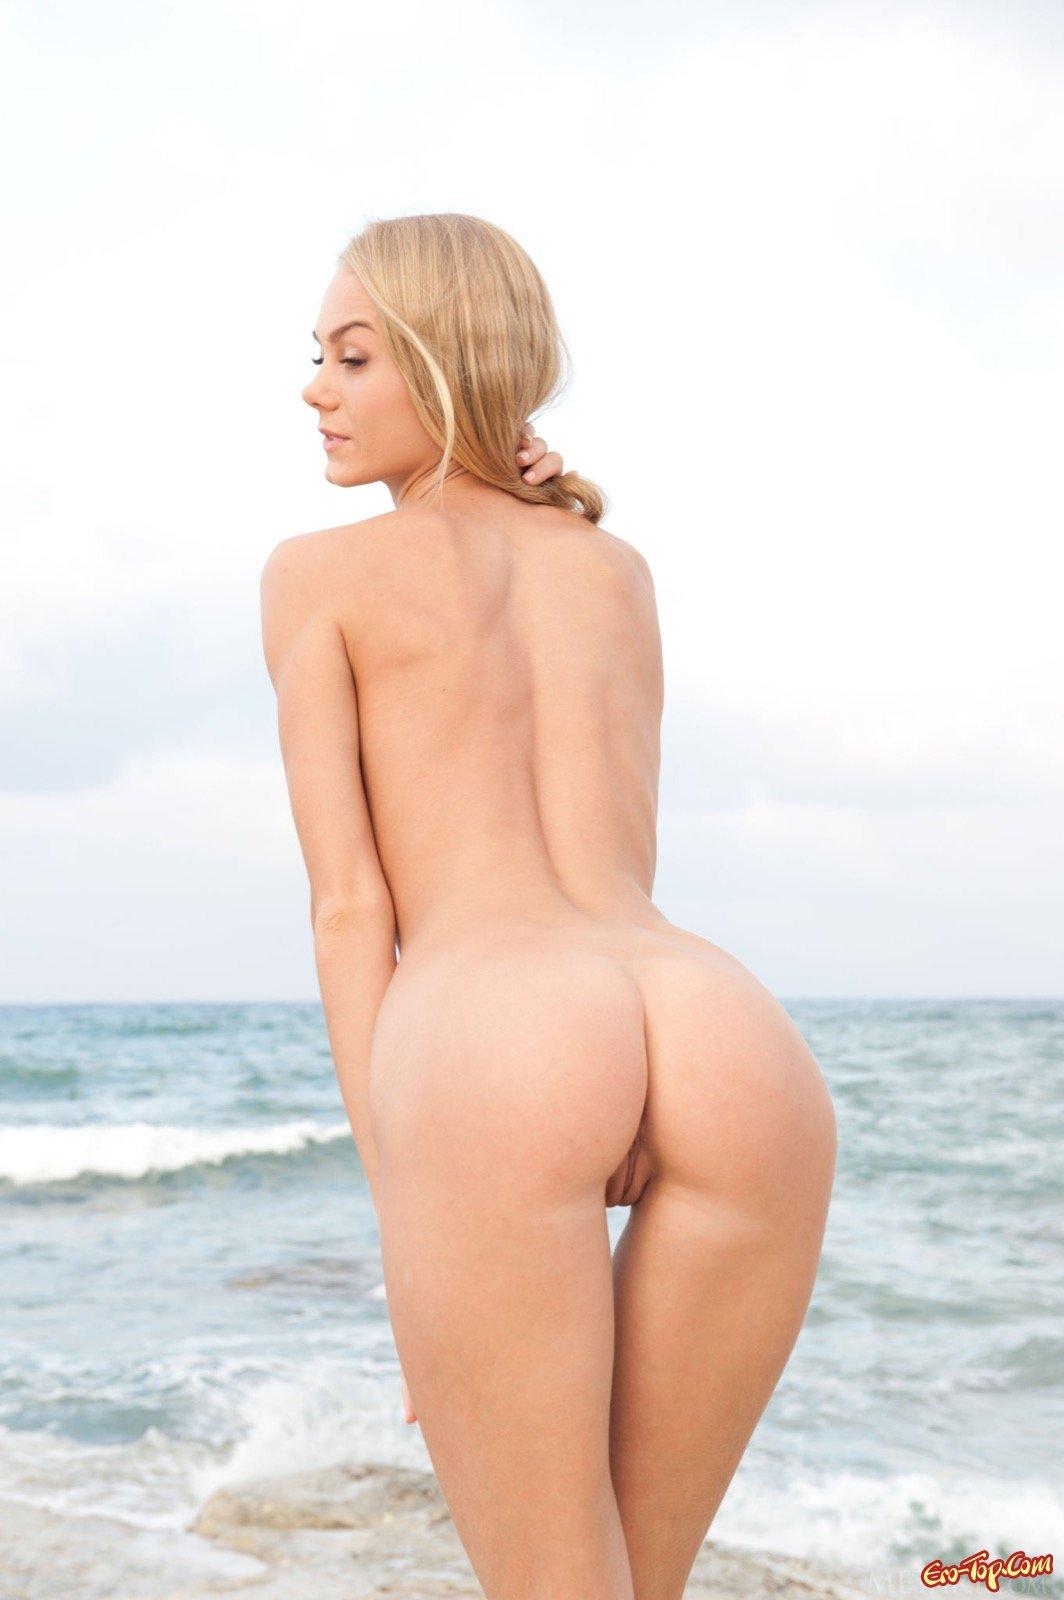 Роскошная светлая порноактриса сняла платье на берегу моря